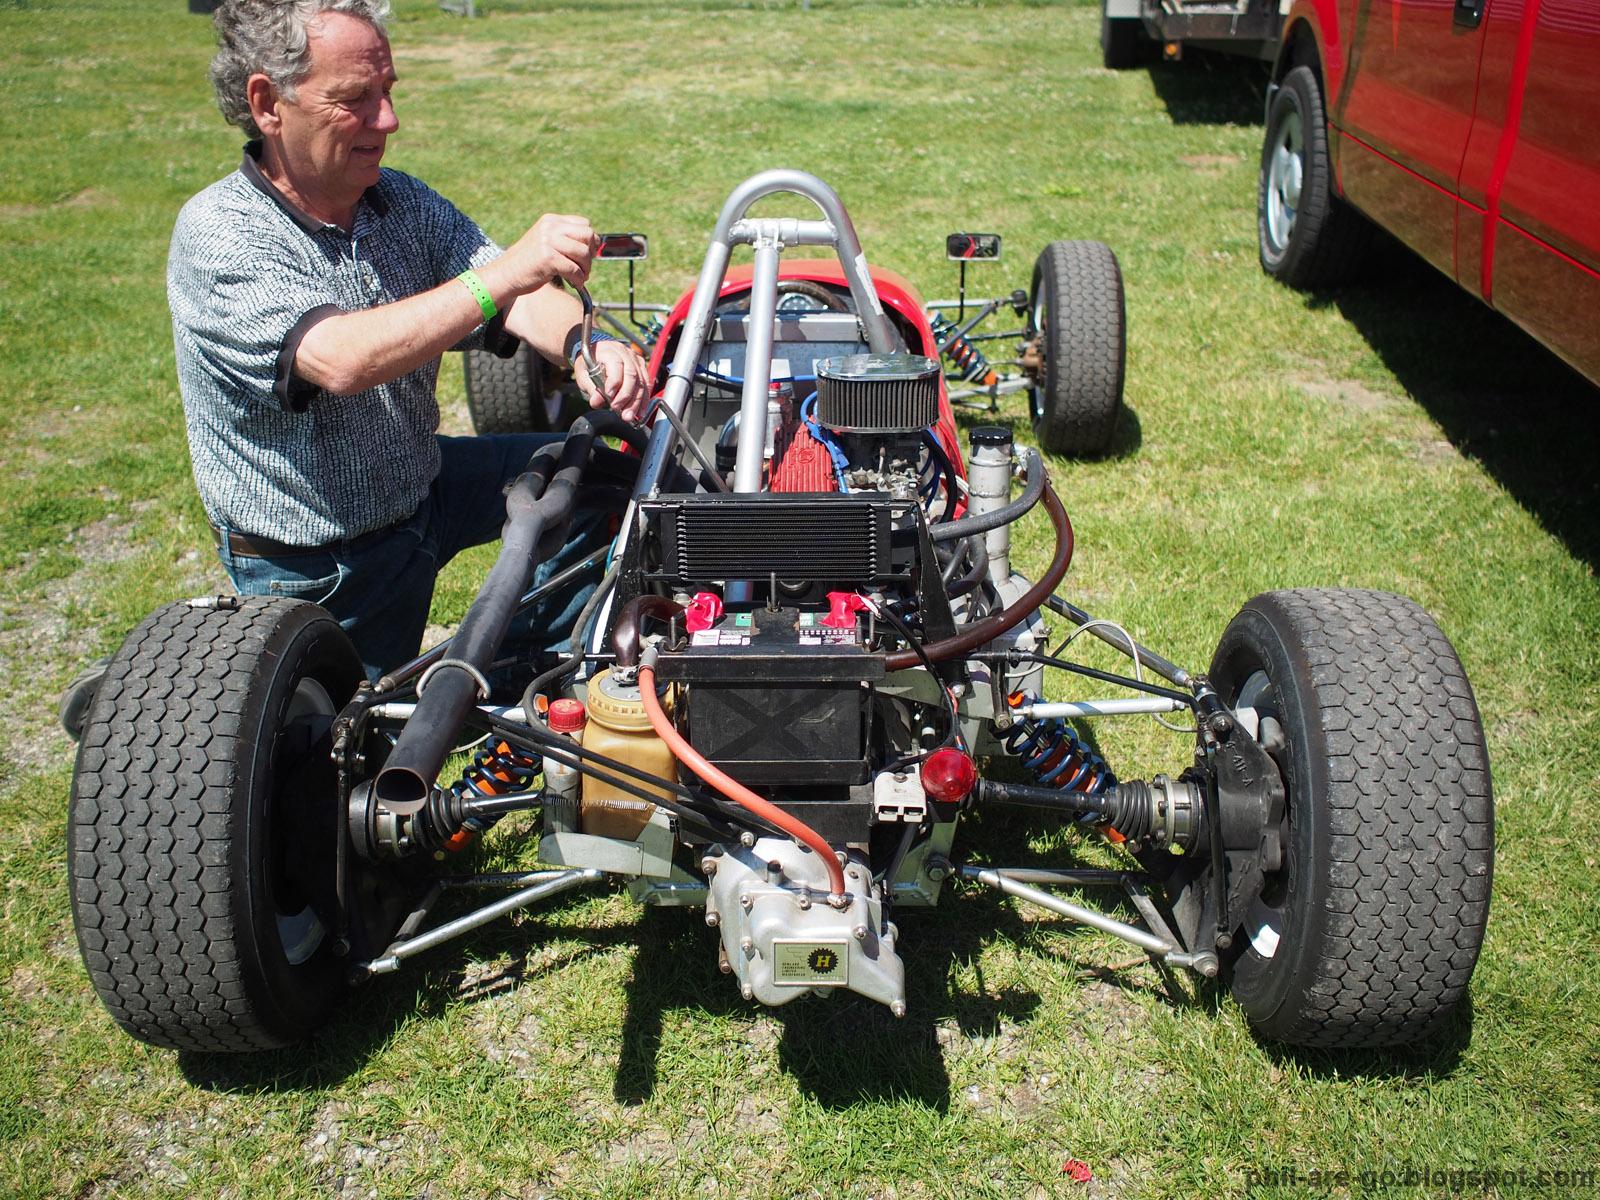 ... Vintage Classic 2014 Group 4 - Monopostos, Formula V, Formula Ford